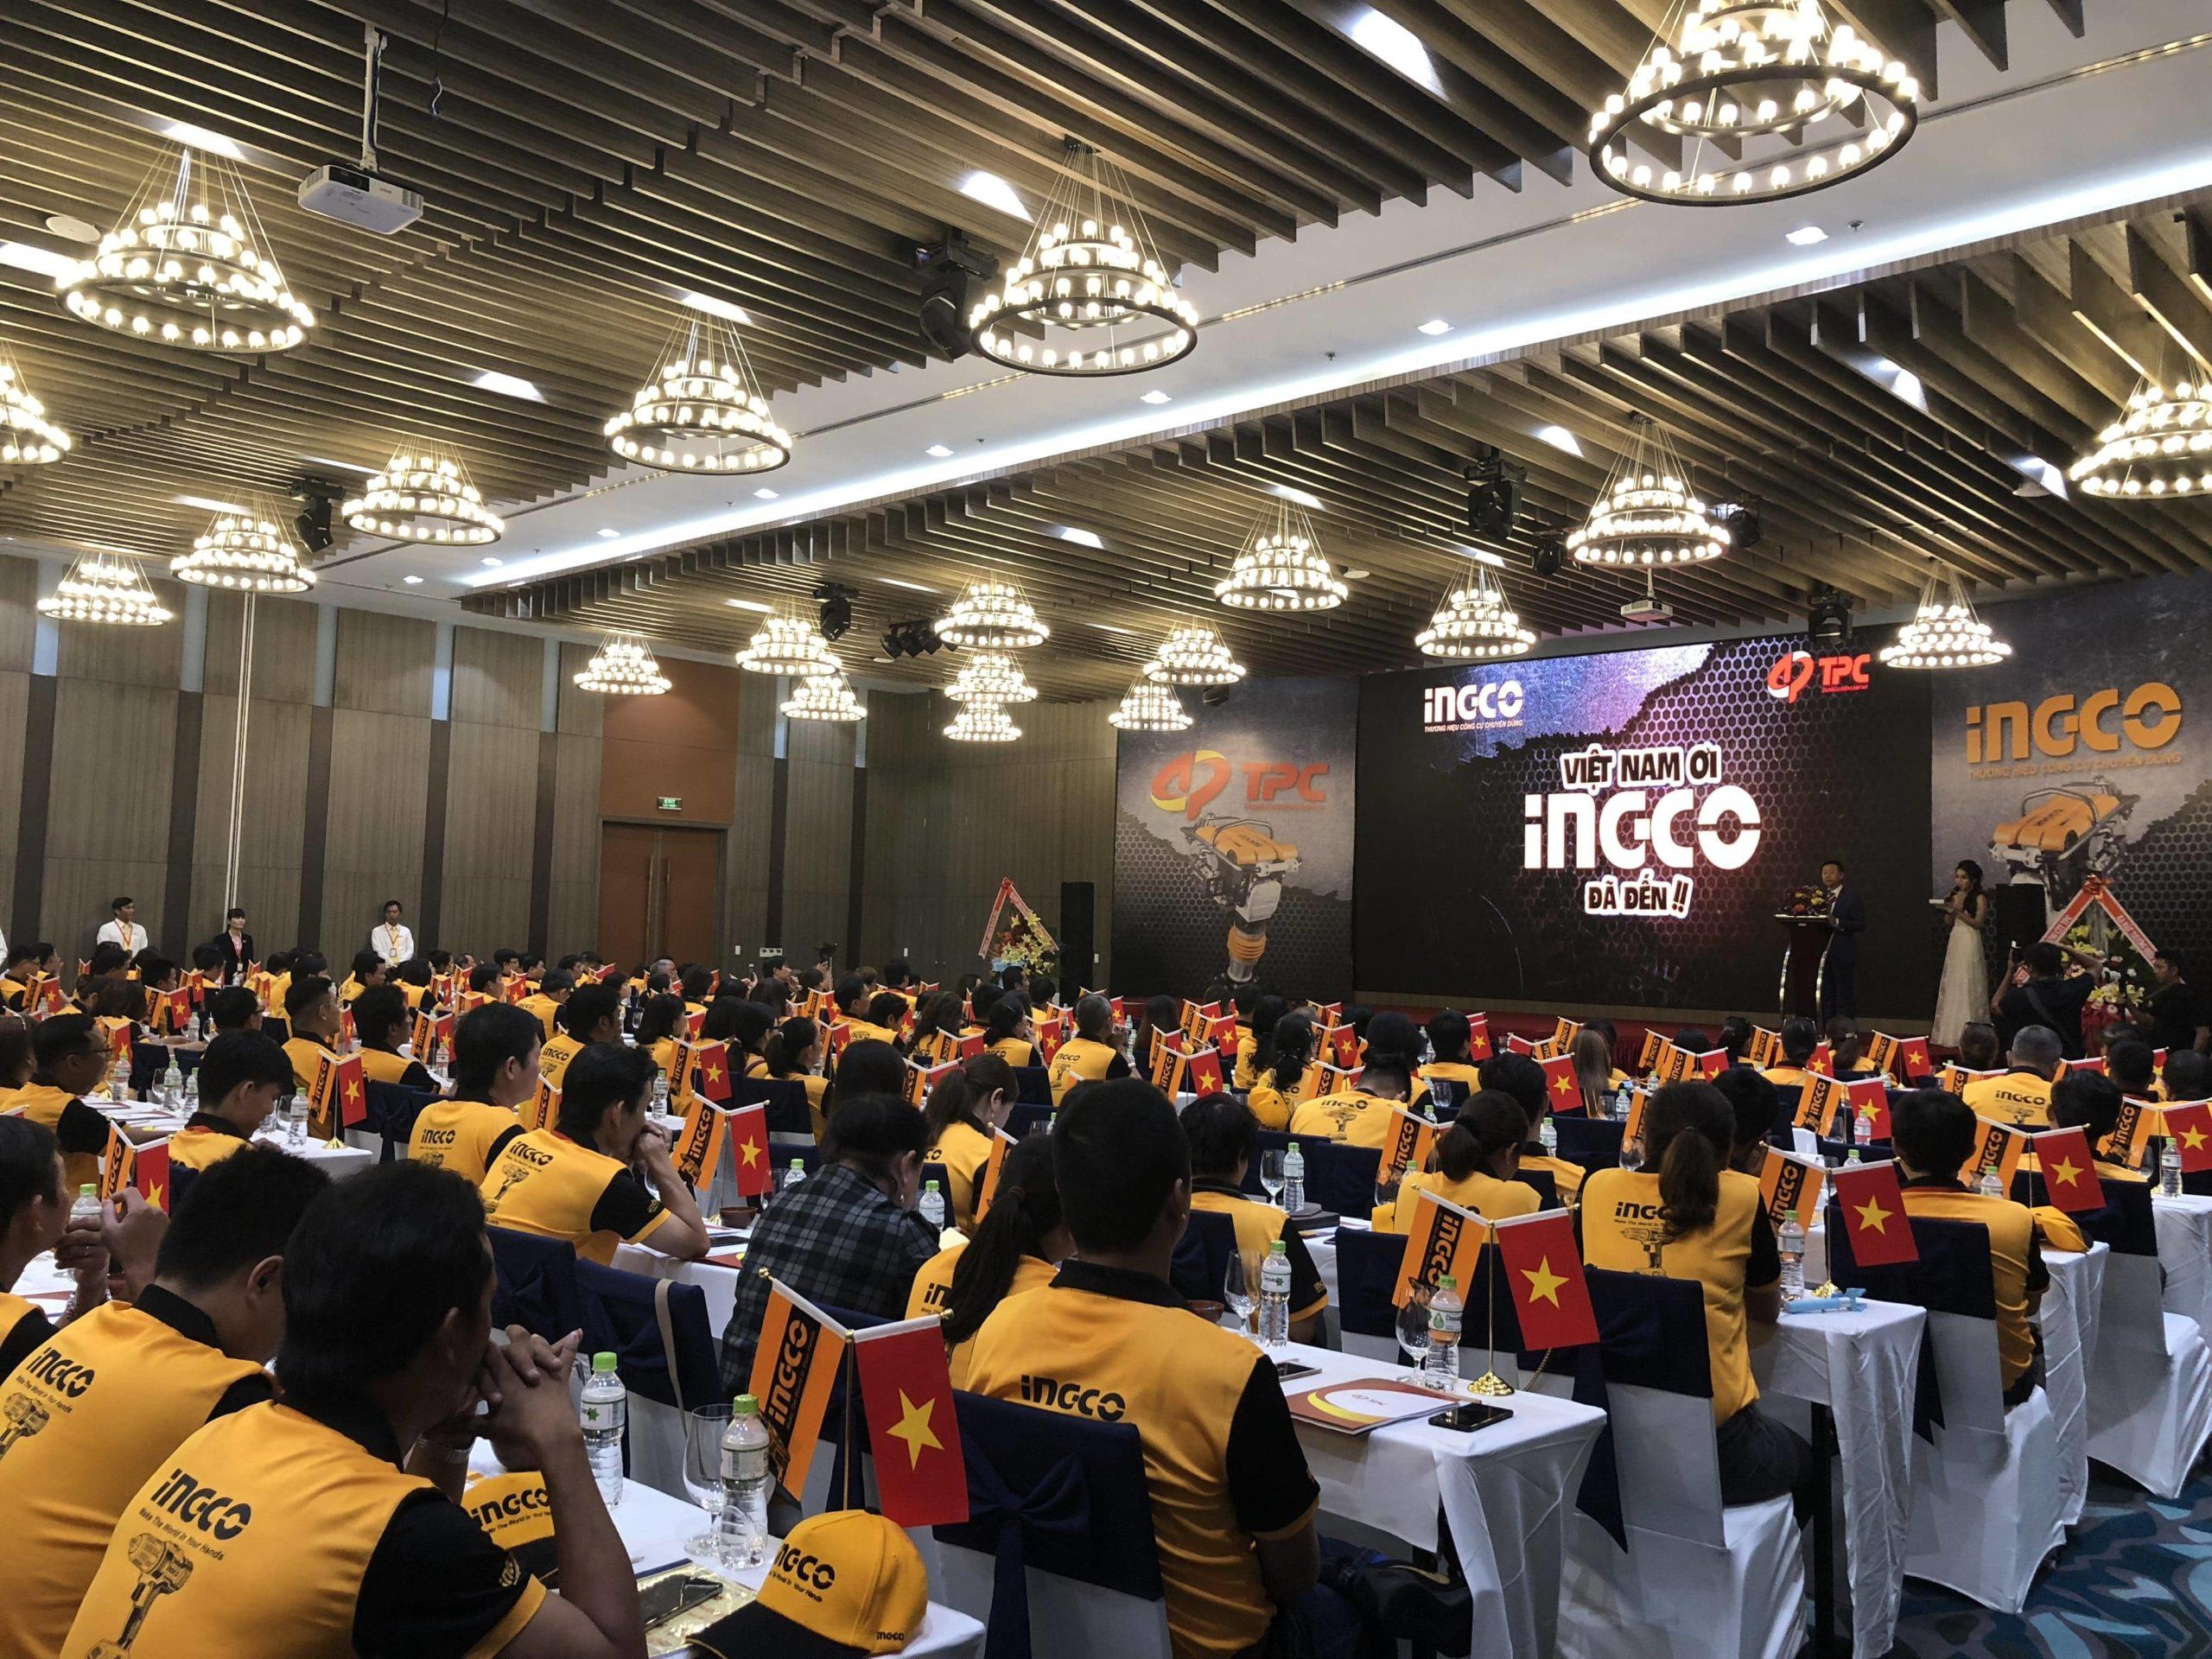 Việt Nam ơi INCCO đã đến